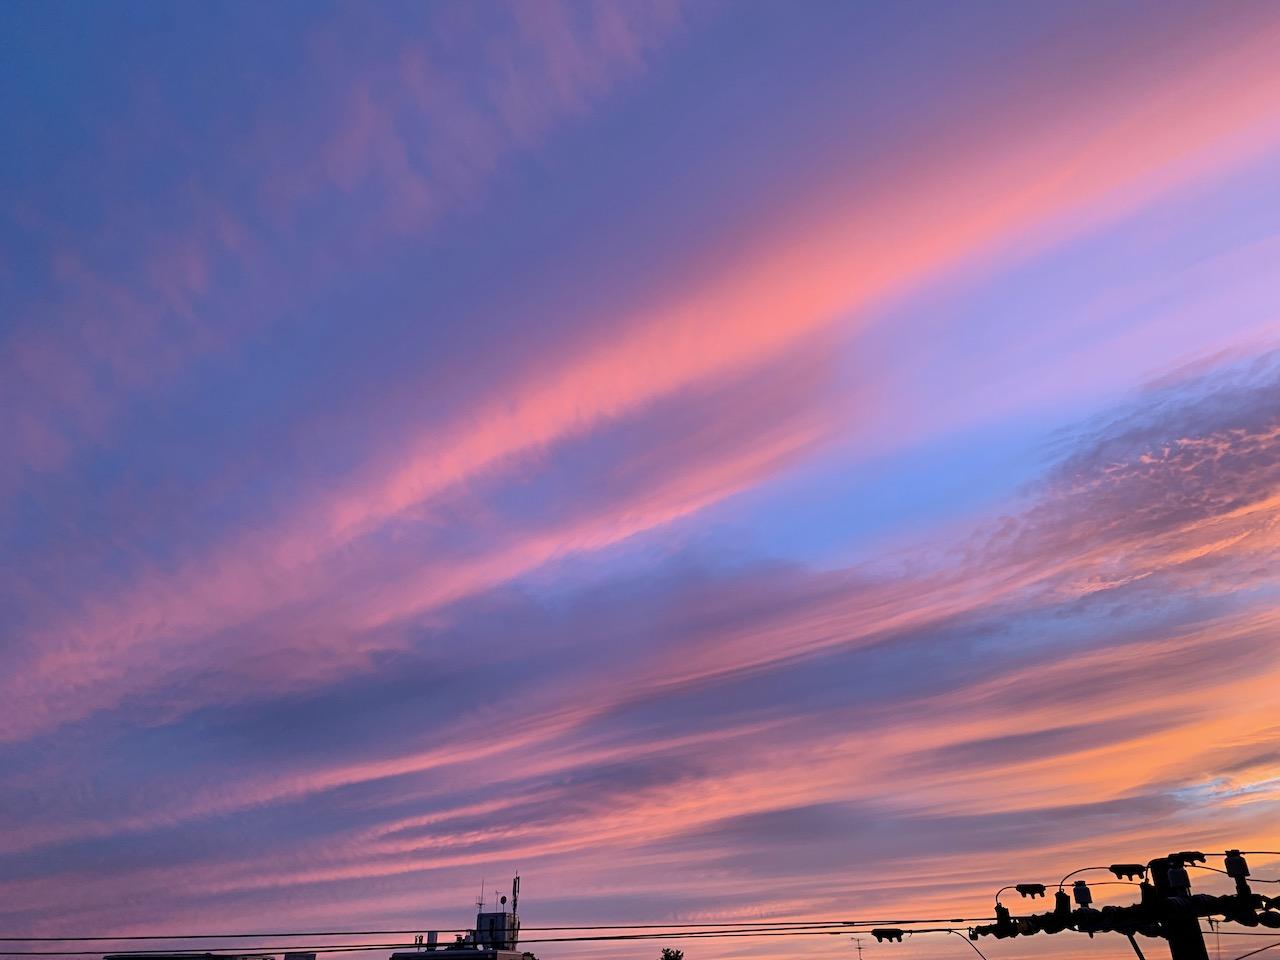 虹龍、美しい夕暮れ時